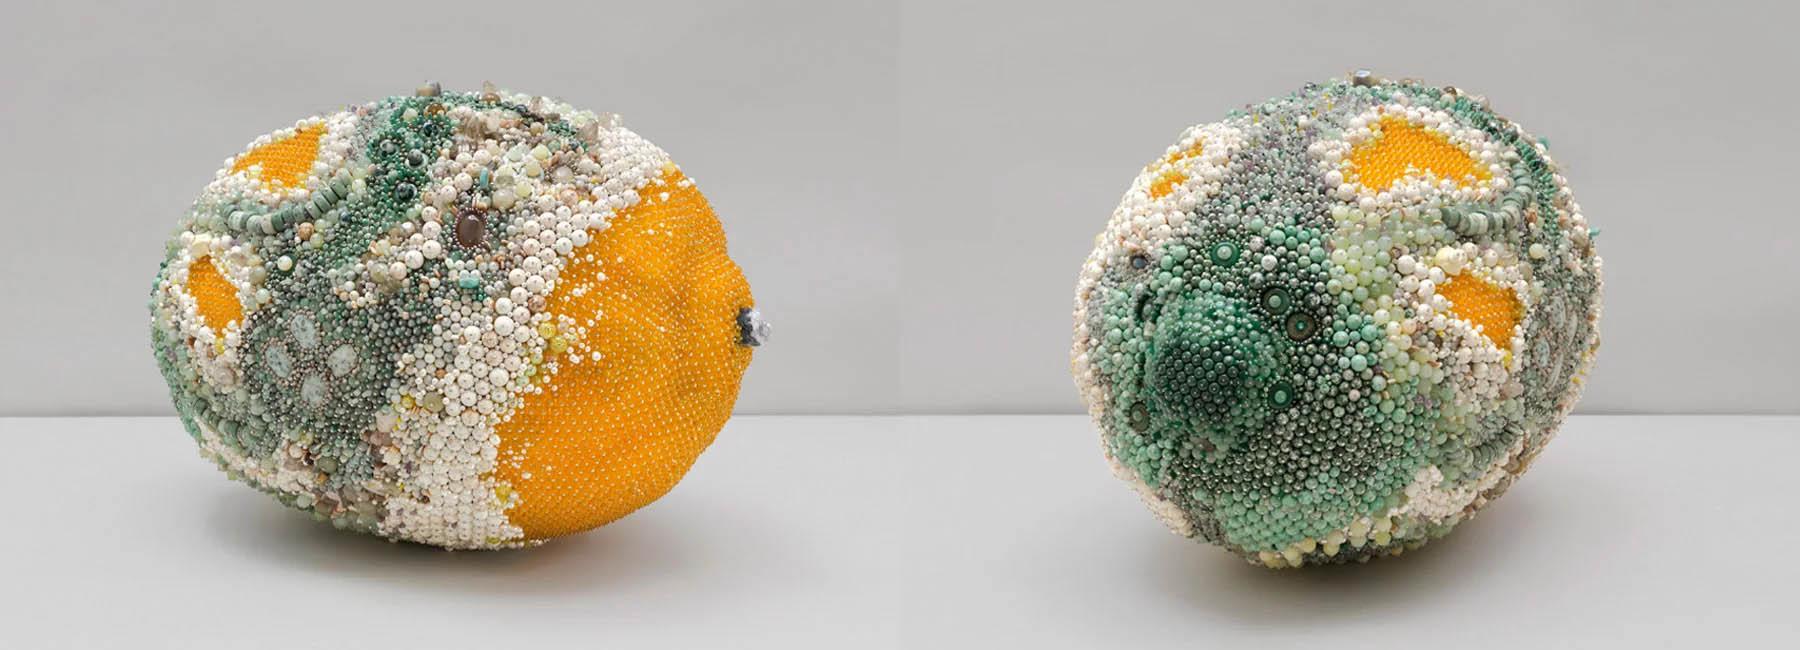 سنگ های قیمتی به مثابه میوه های گندیده